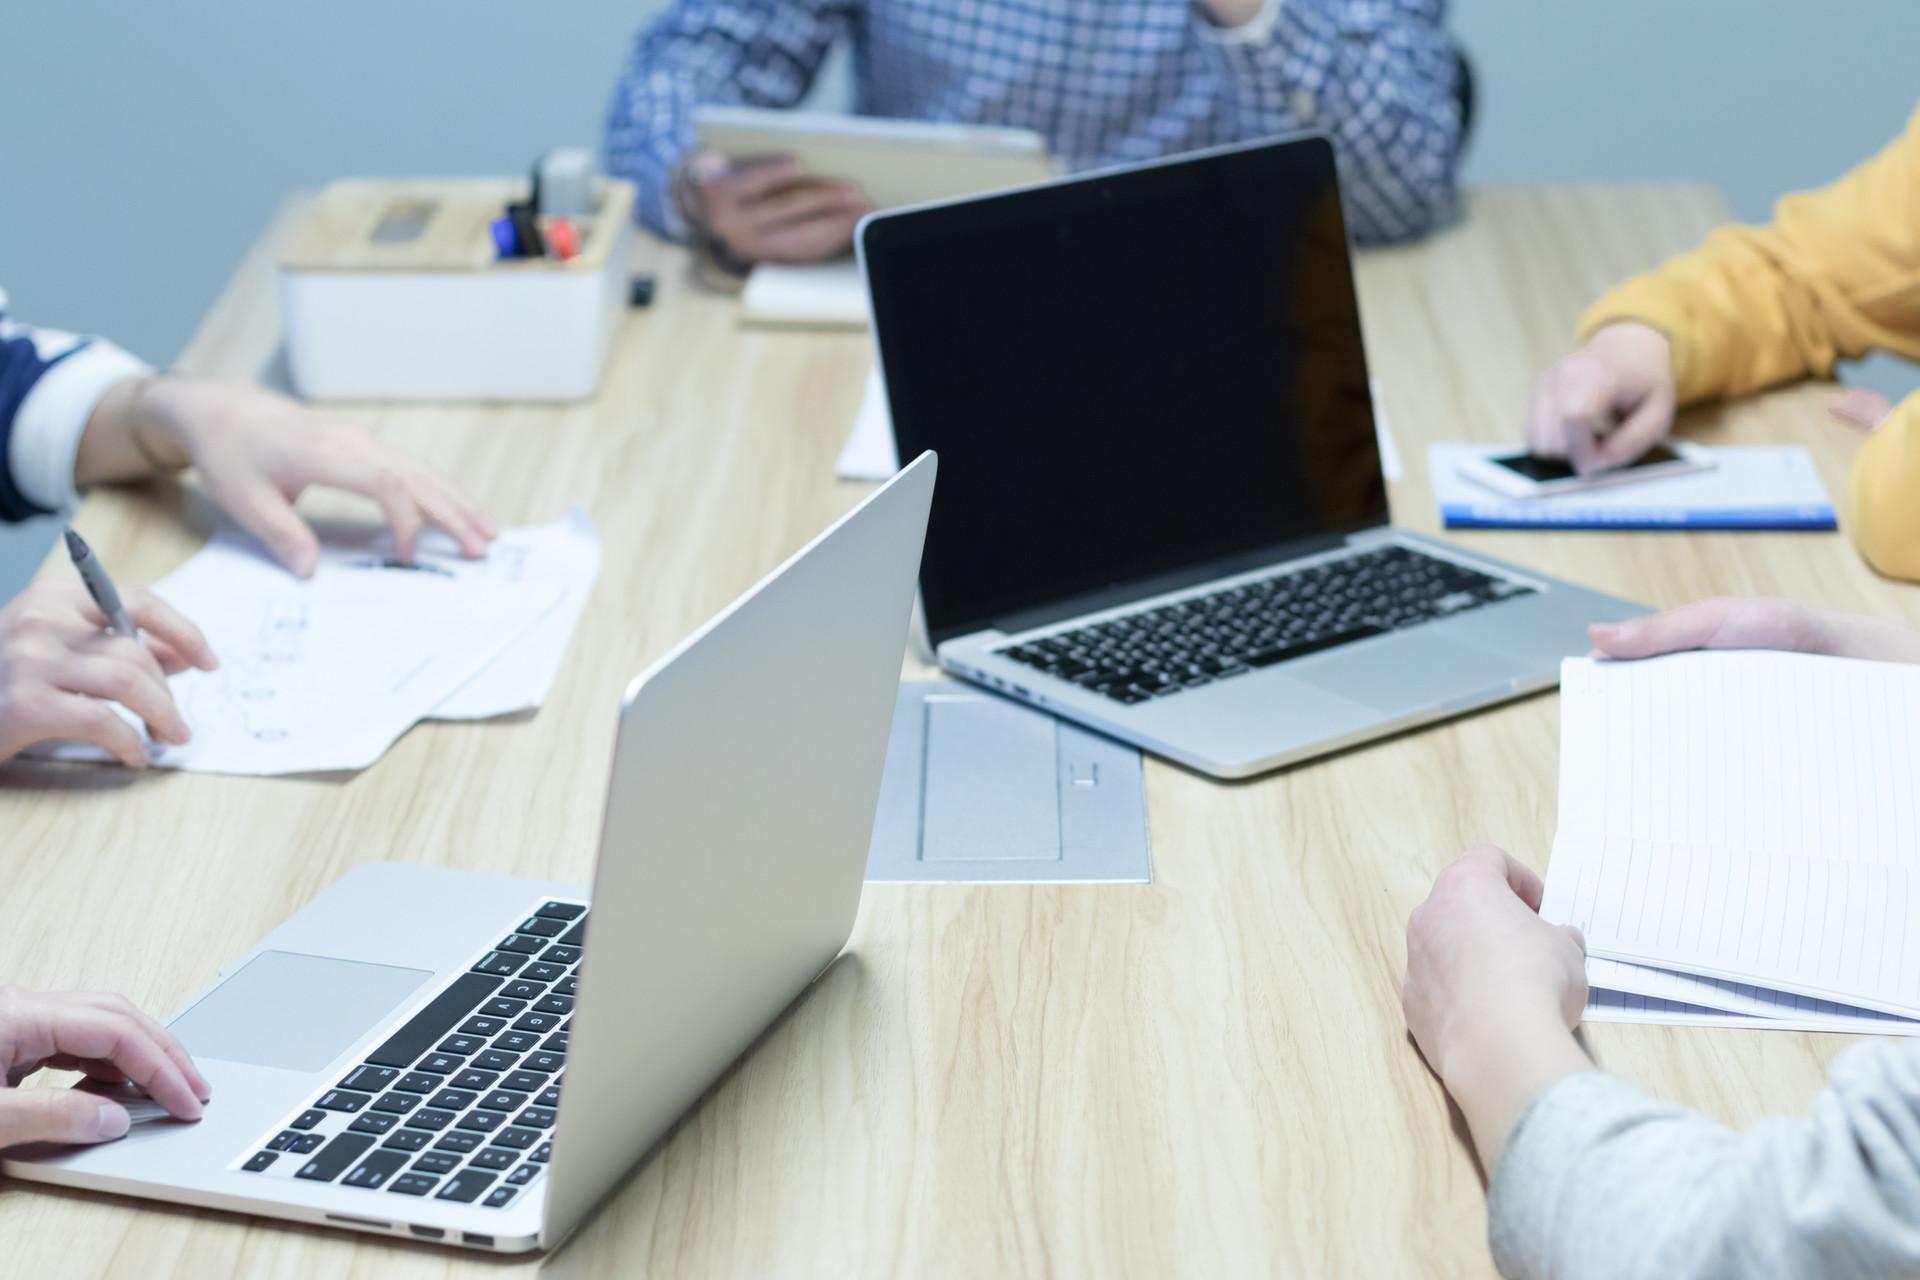 工资条的全新发放方式短信工资条,可以跟纸质工资条说拜拜了